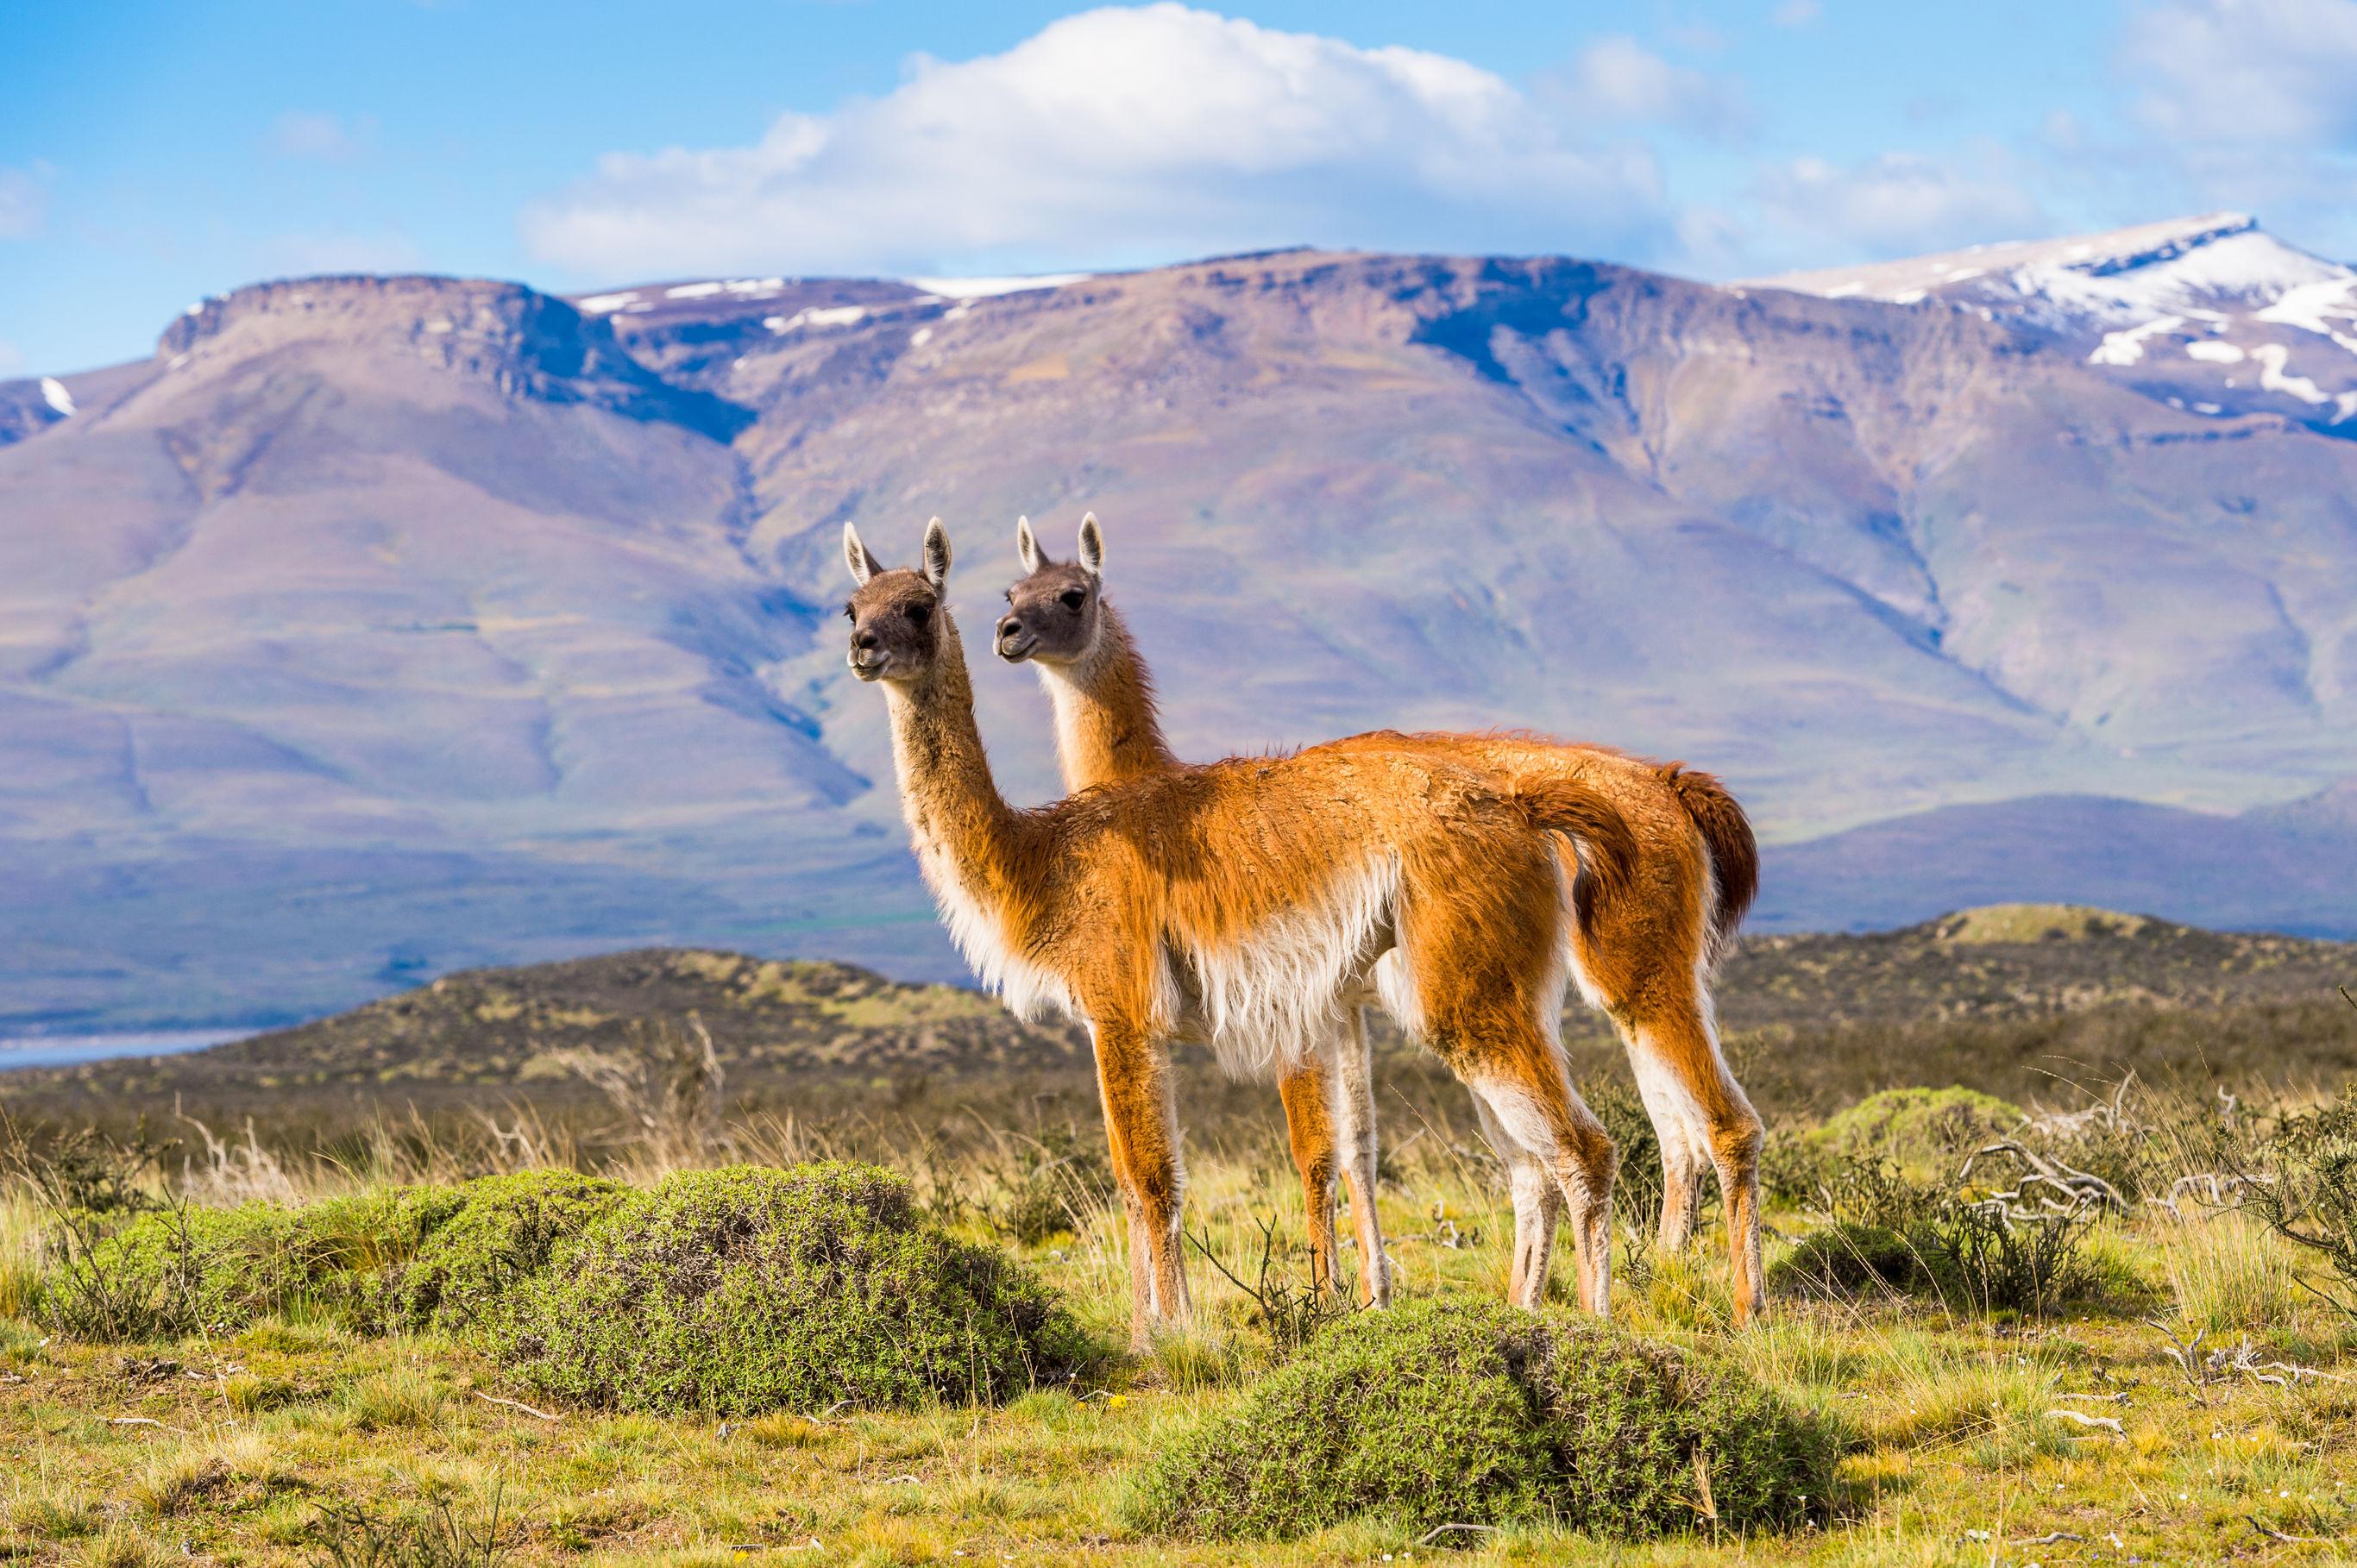 Sfeerimpressie Autorondreis: Uitgebreid Patagonië